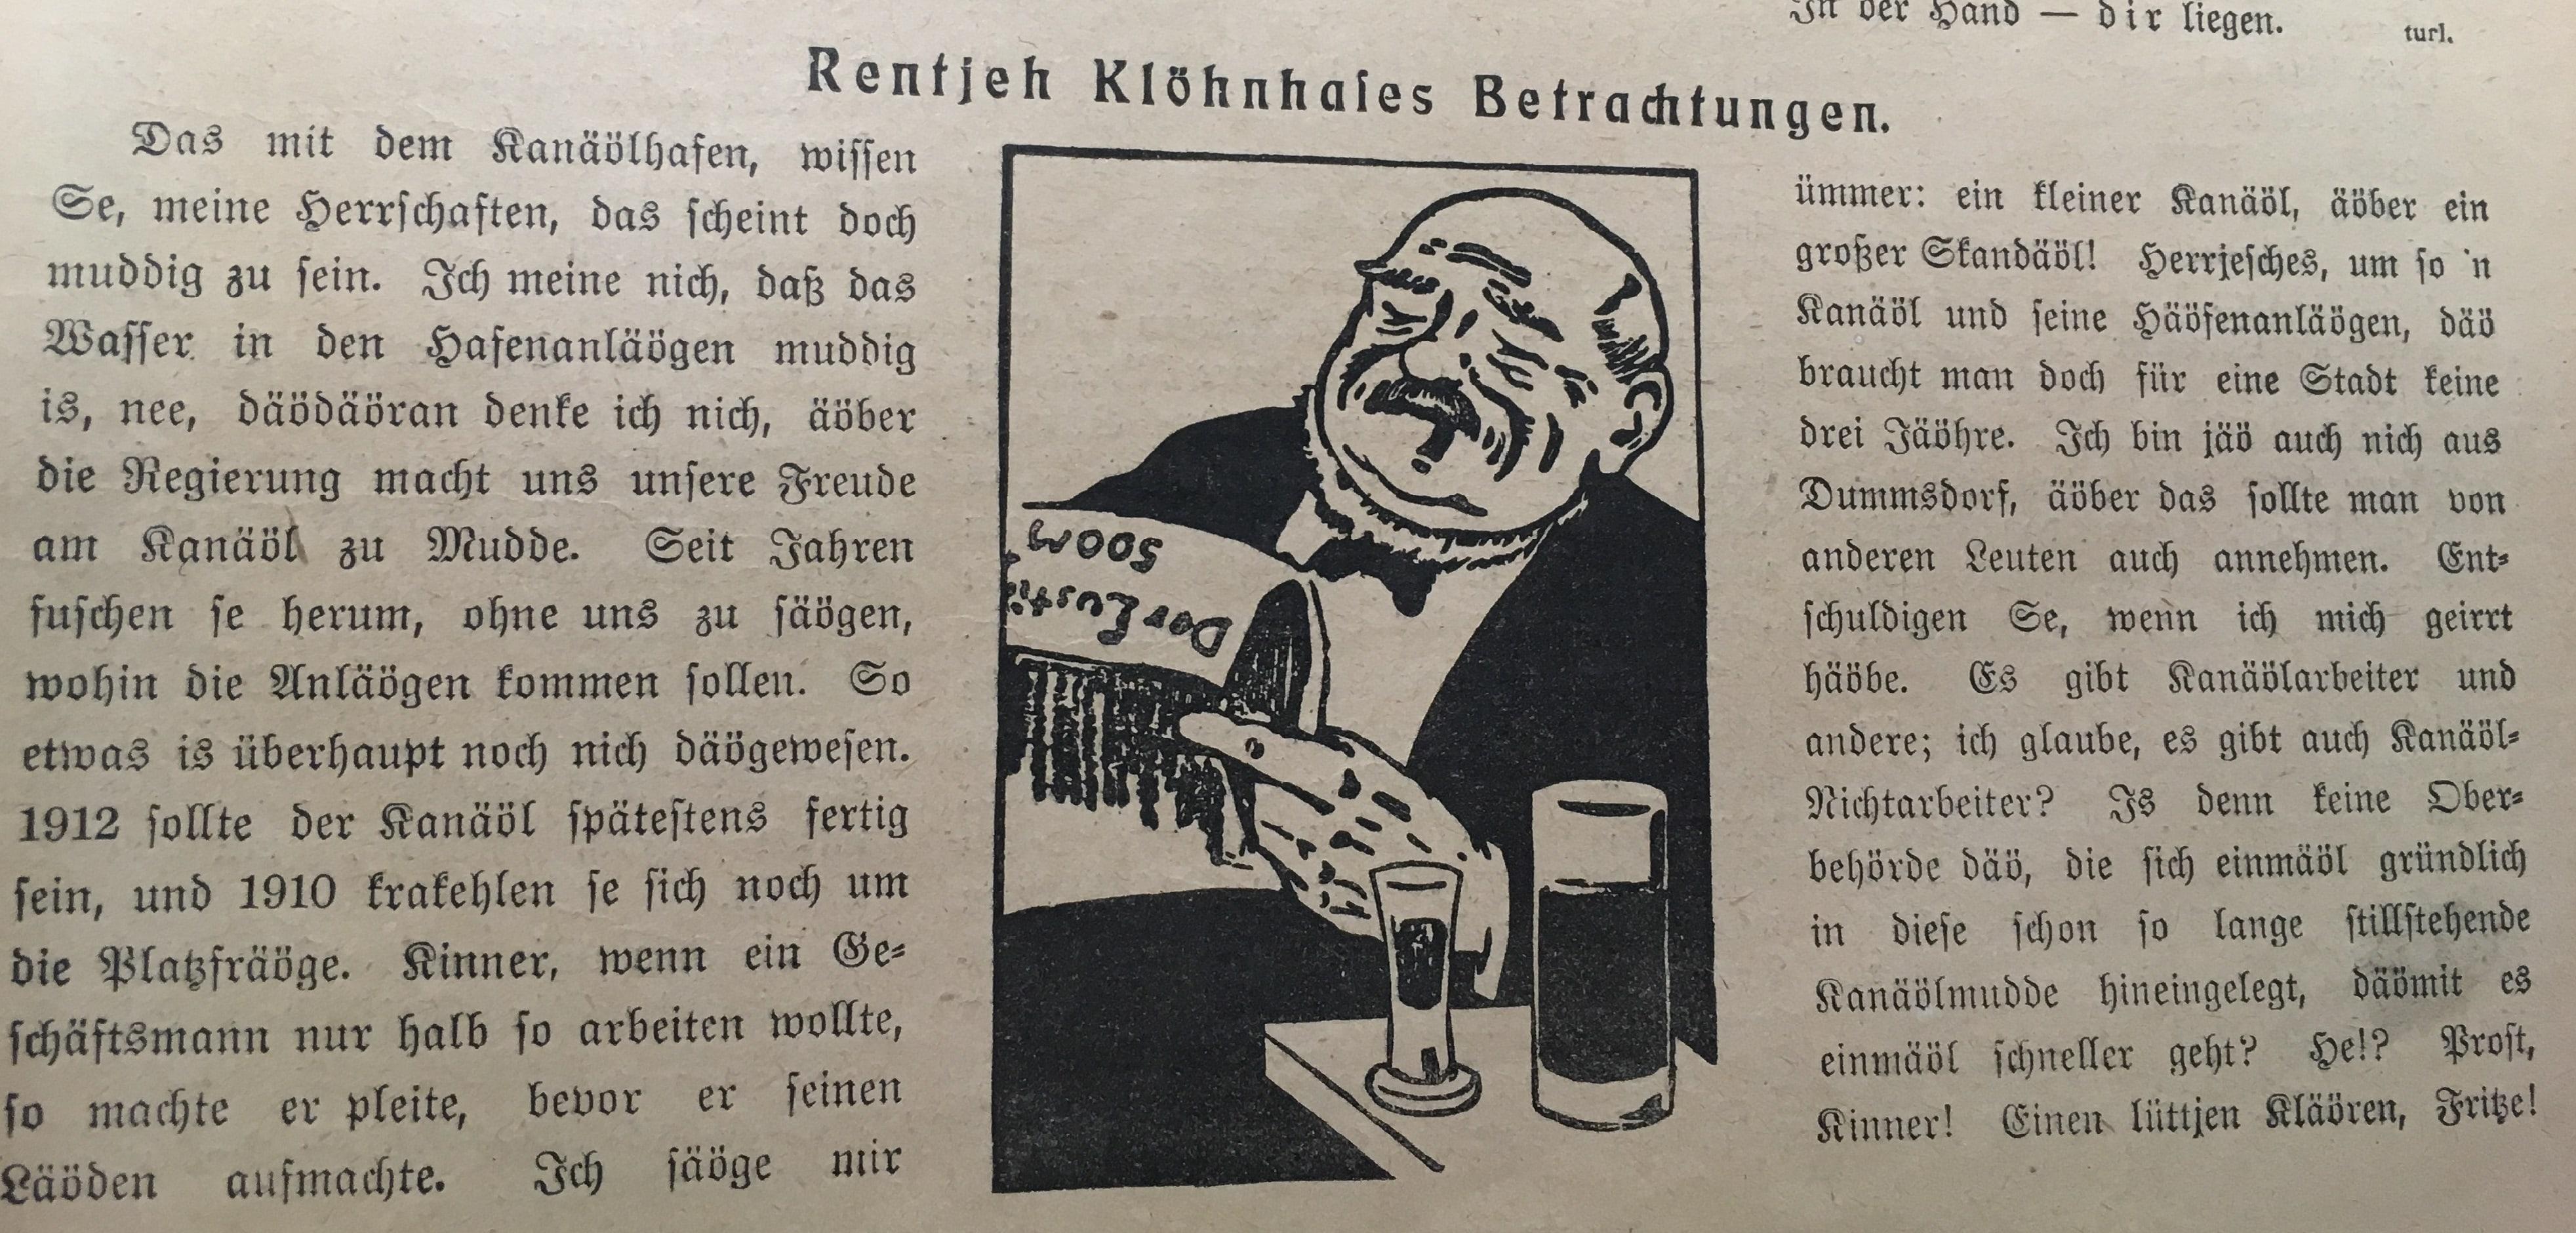 Scan der Kolumne: Rentjeh Klöhnhases Betrachtungen. Historische Zeitungsbeilagen.